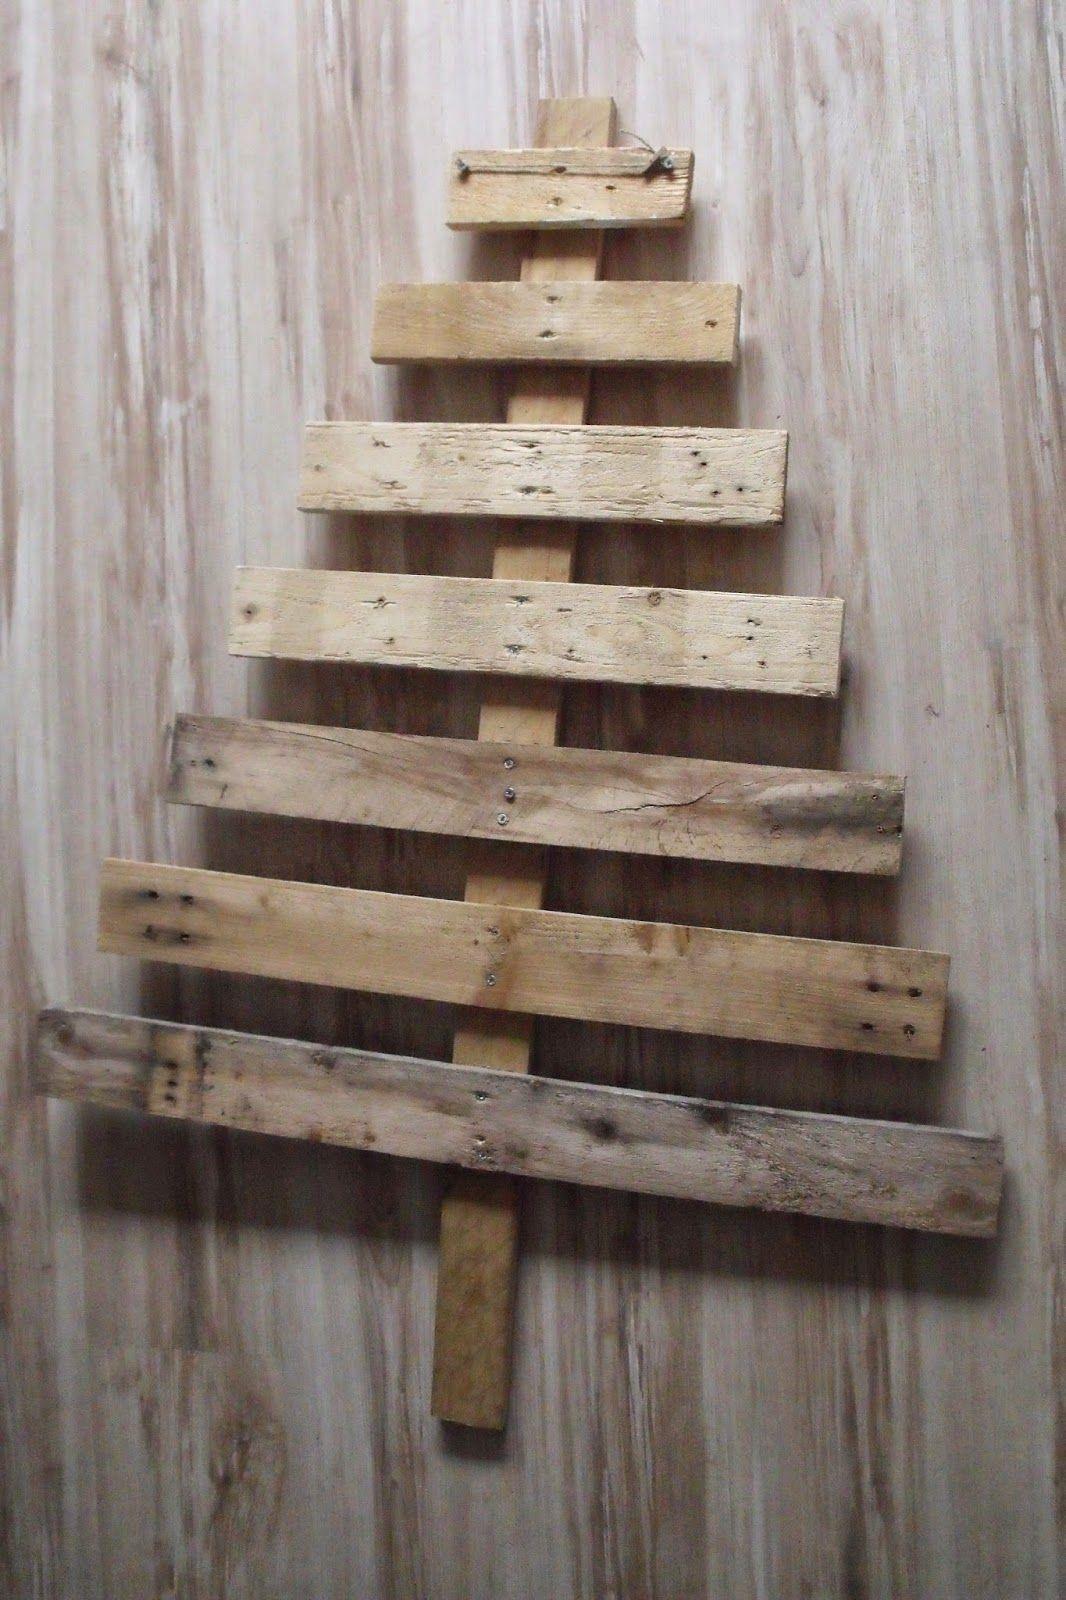 Tuto calendrier de l 39 avent en forme de sapin en bois et scrapbooking christmas pinterest - Sapin palette en bois ...